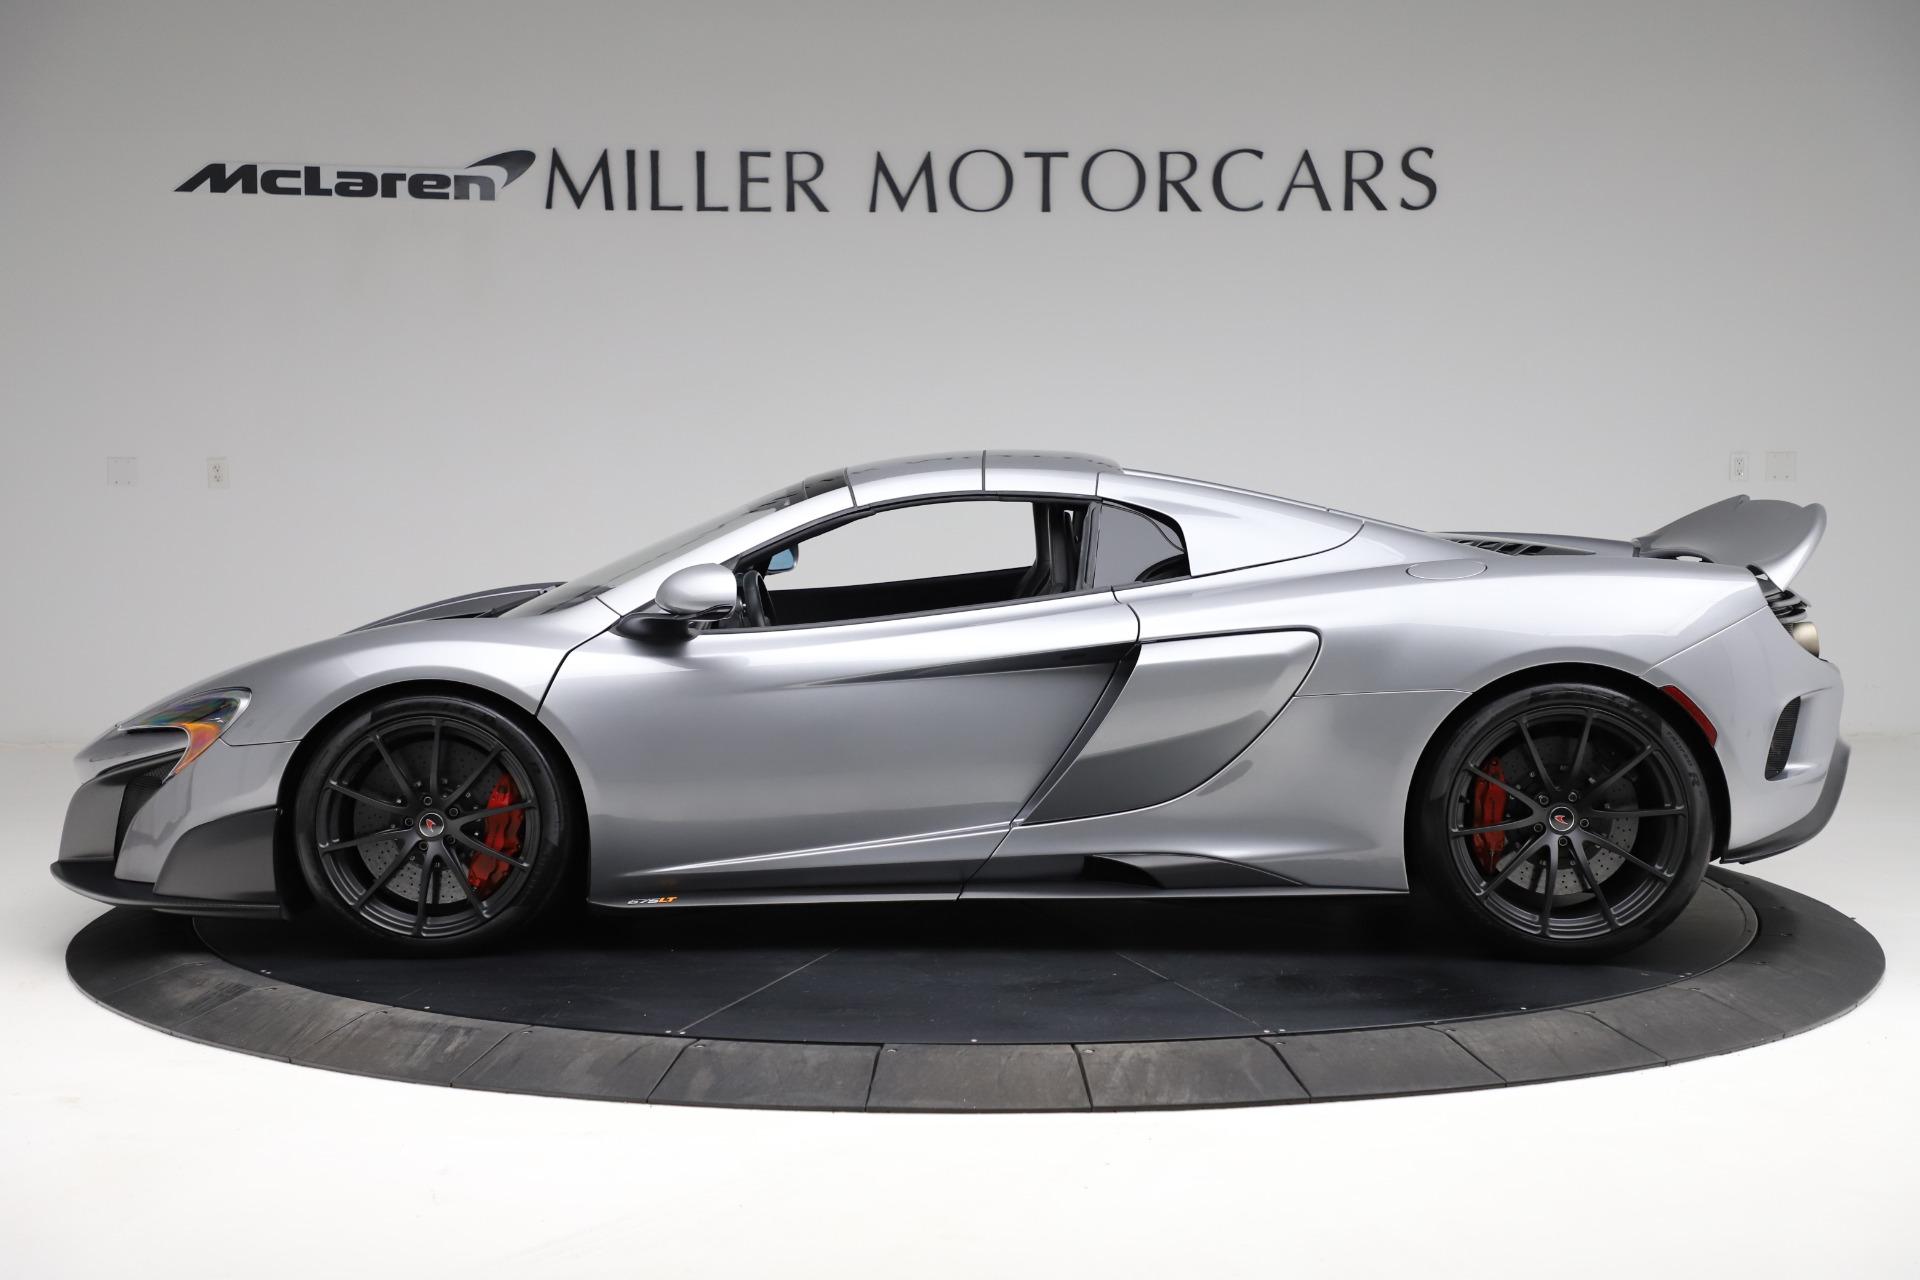 Used 2016 McLaren 675LT Spider